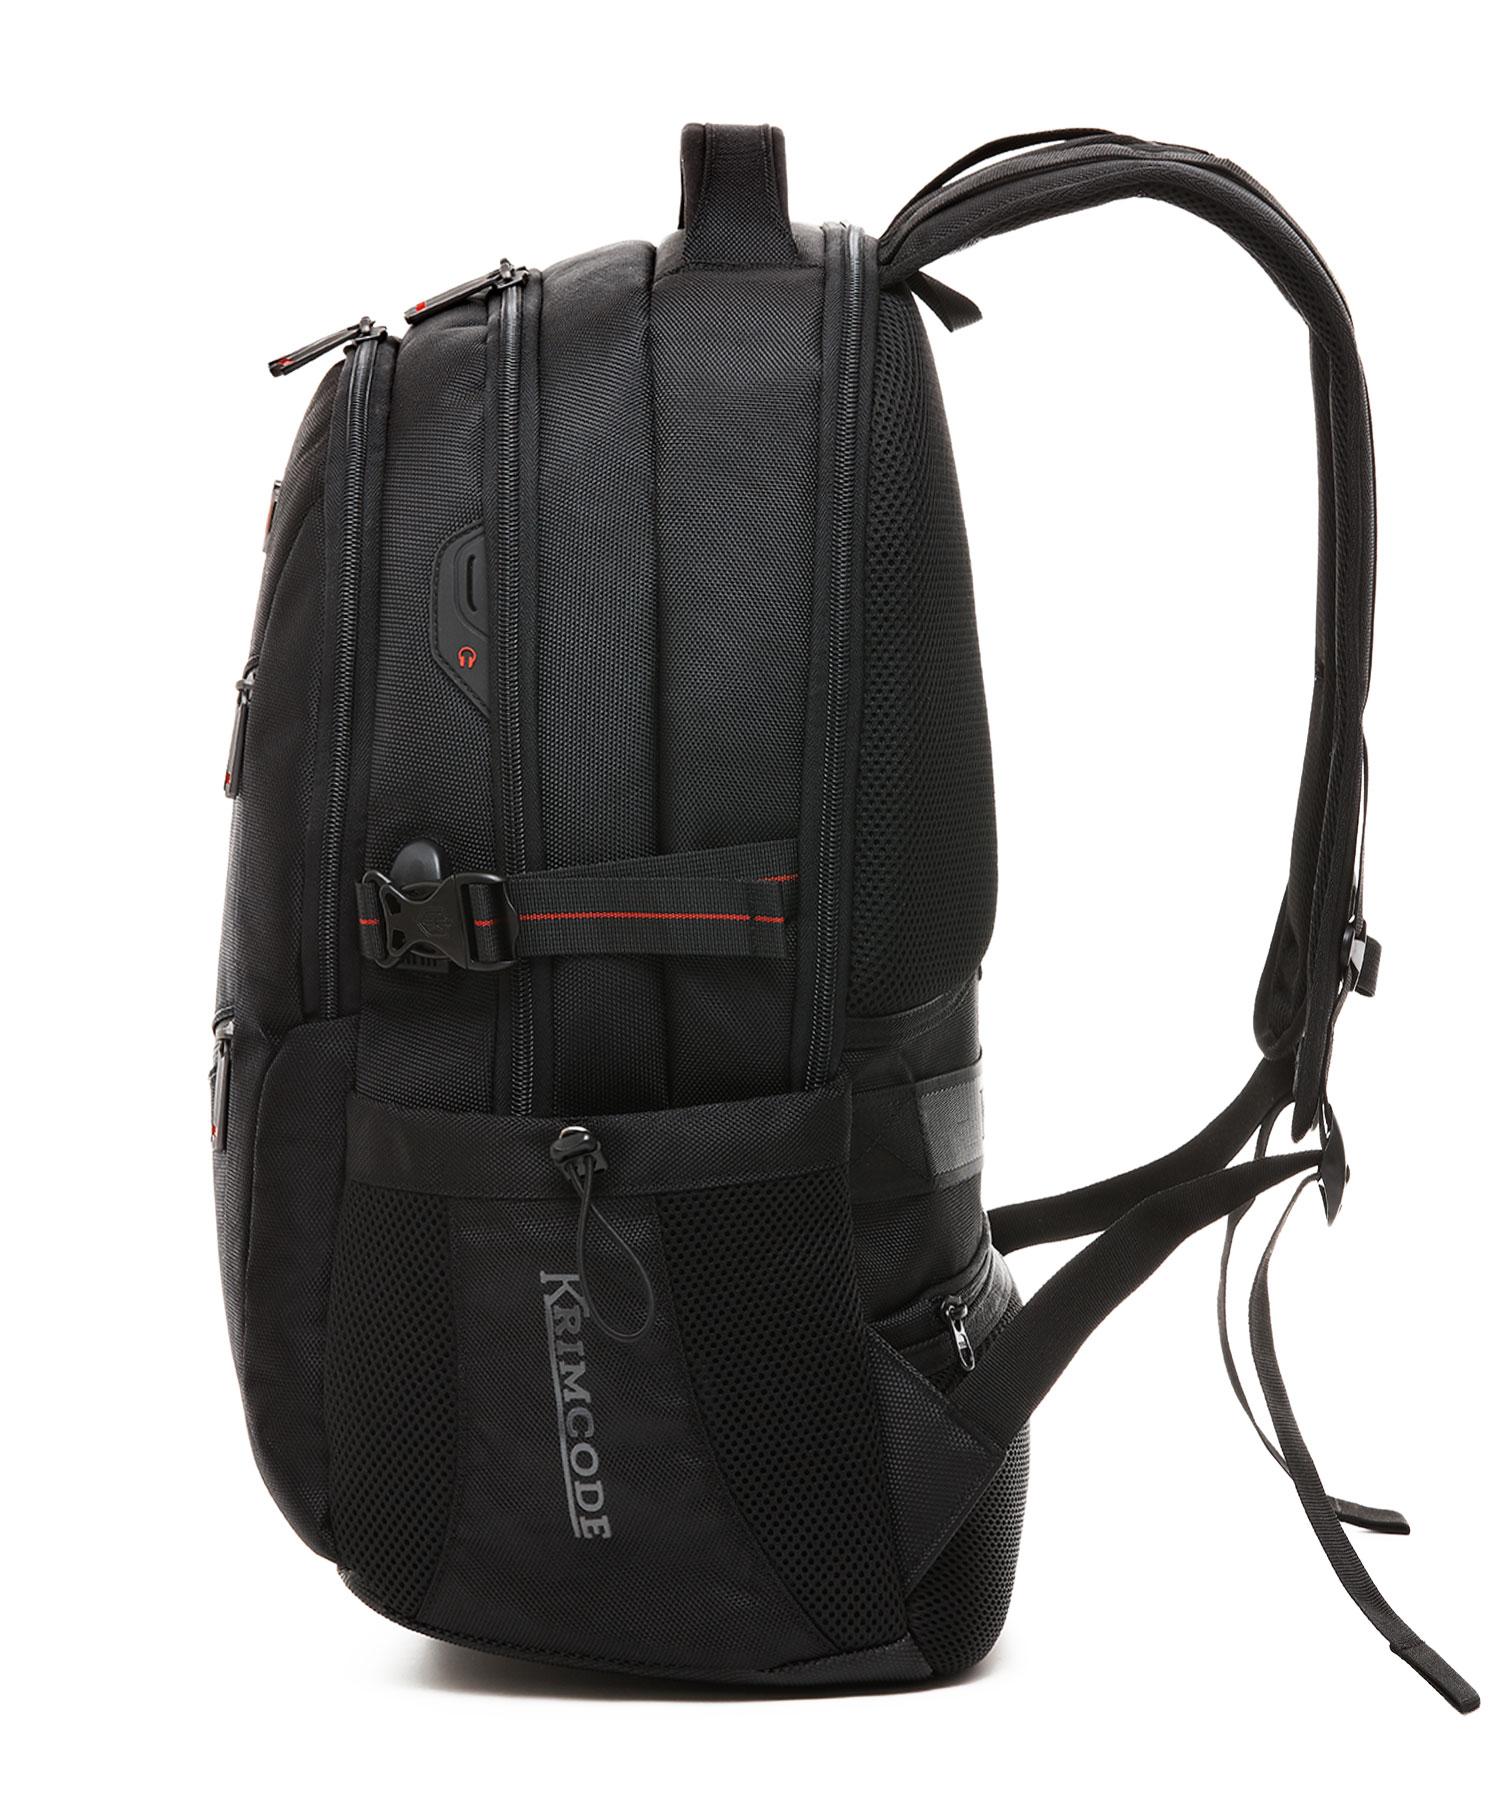 krimcode business formal backpack side